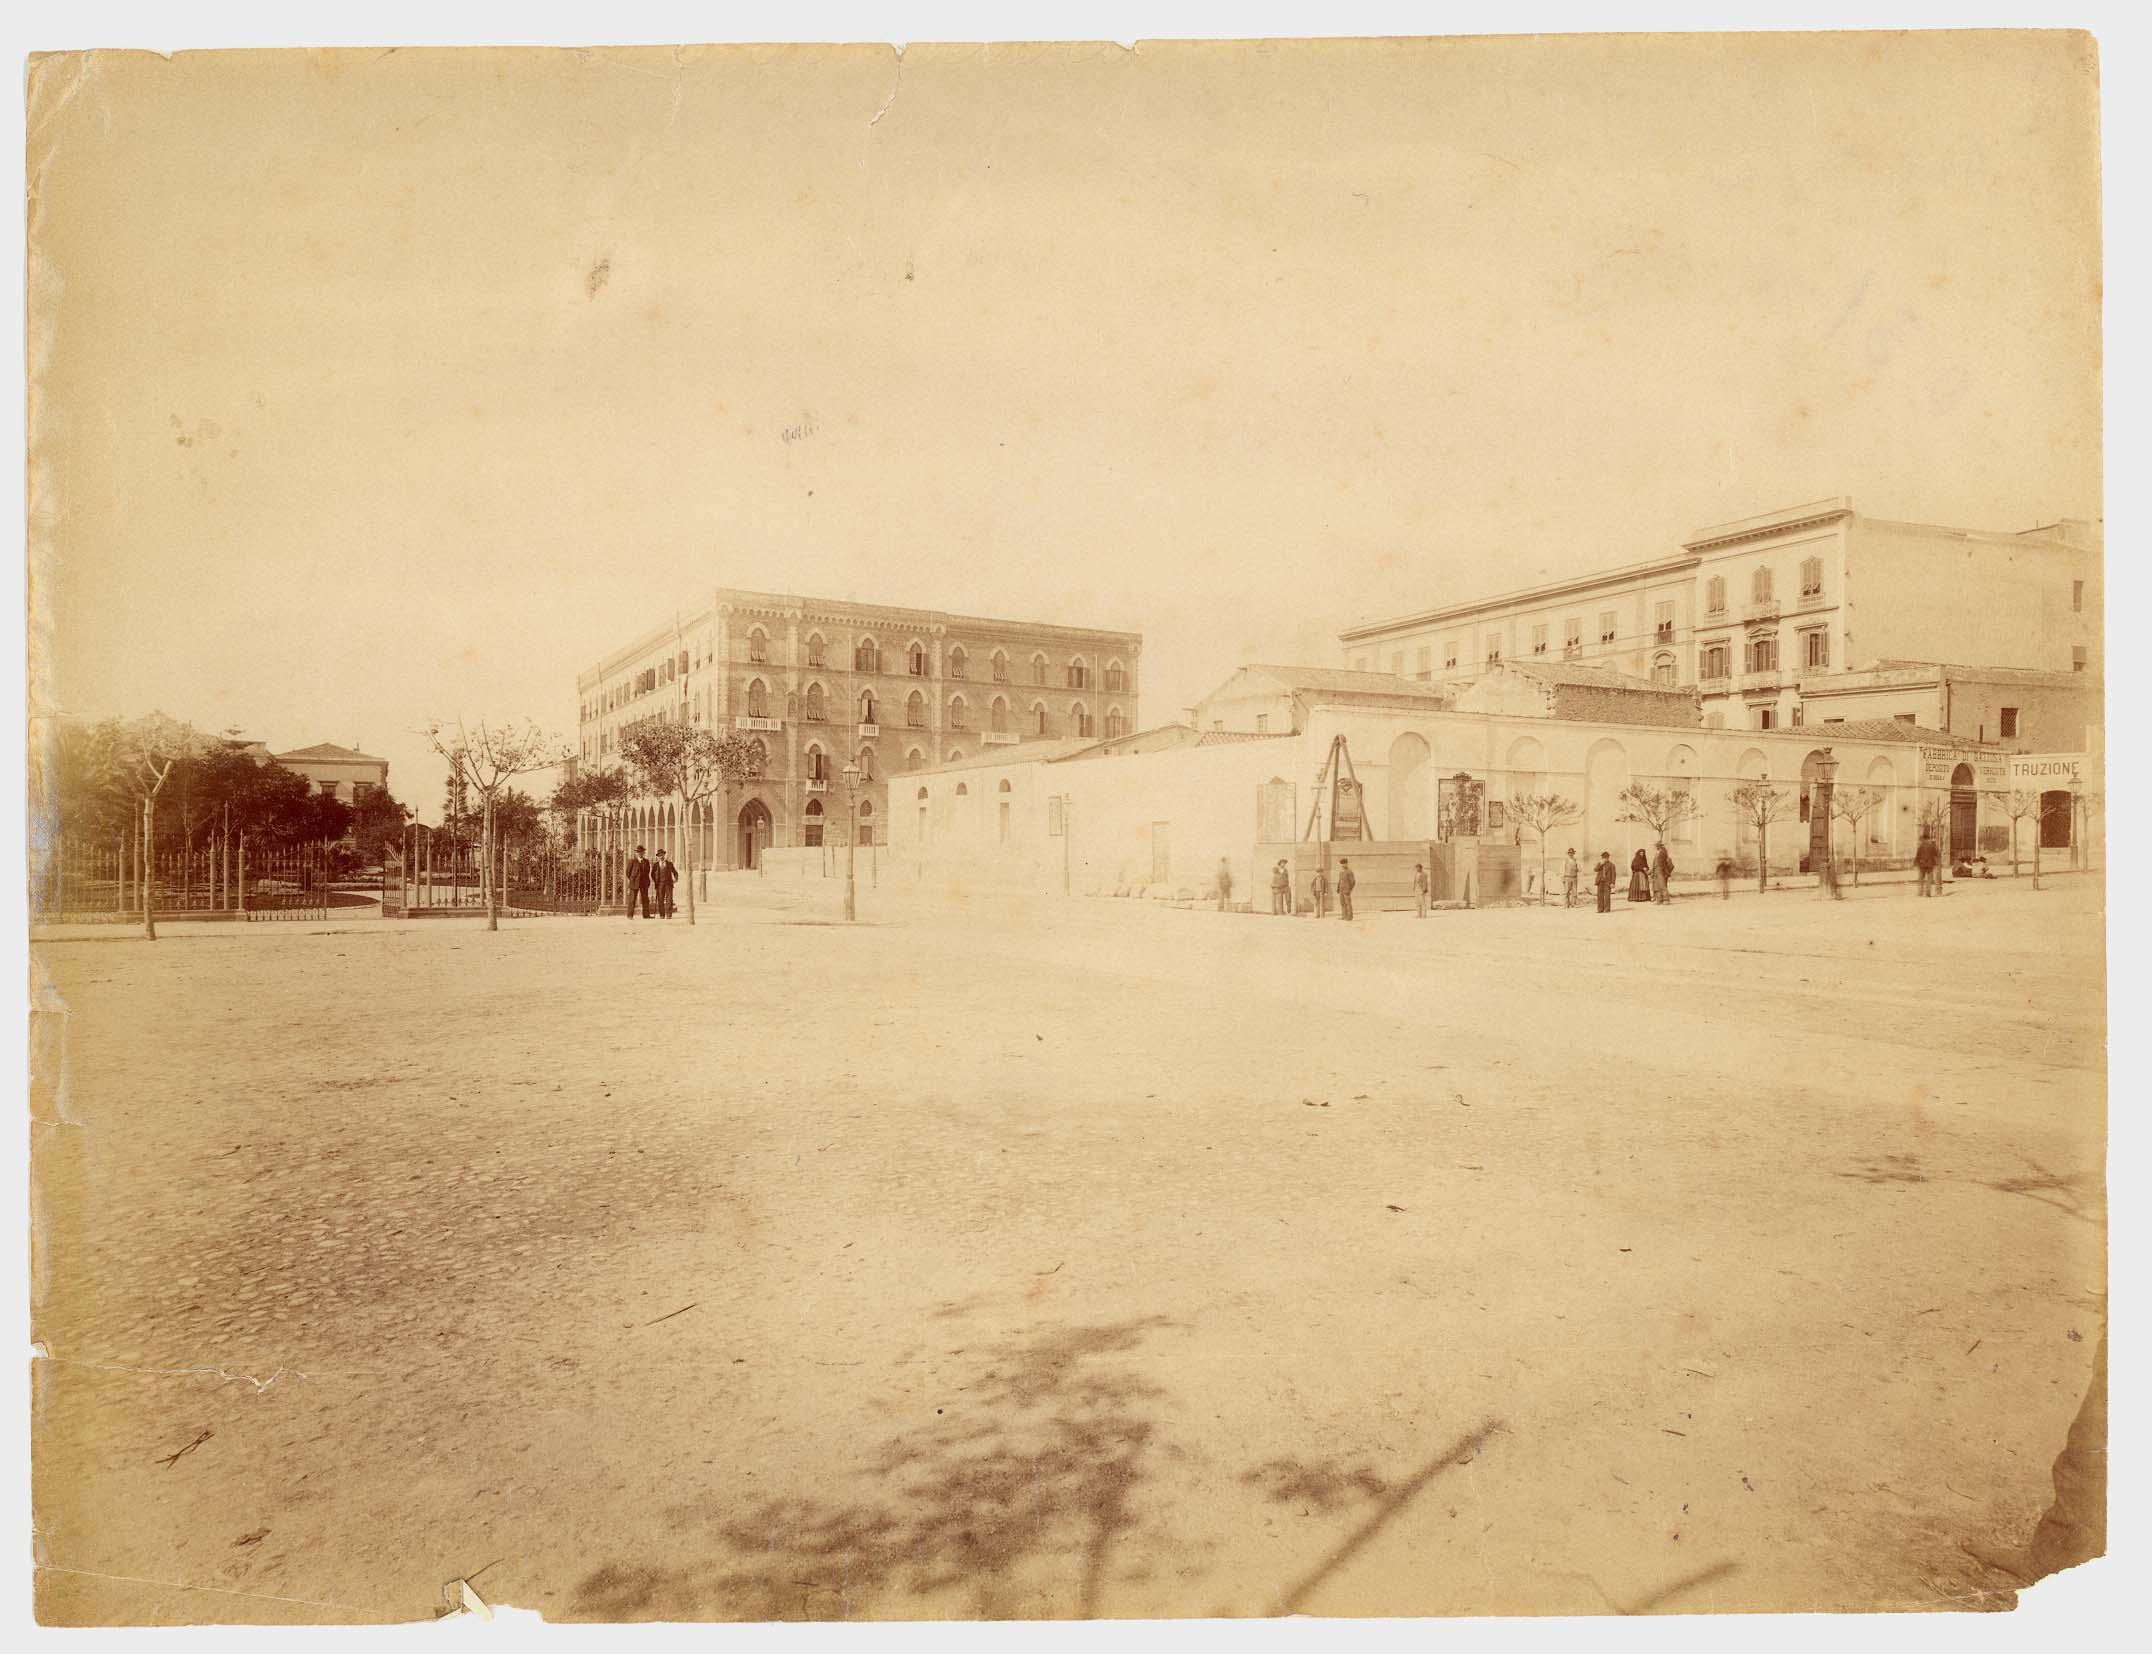 Archivio Comunale - 1880 - Topografia_jpg_foto 0009